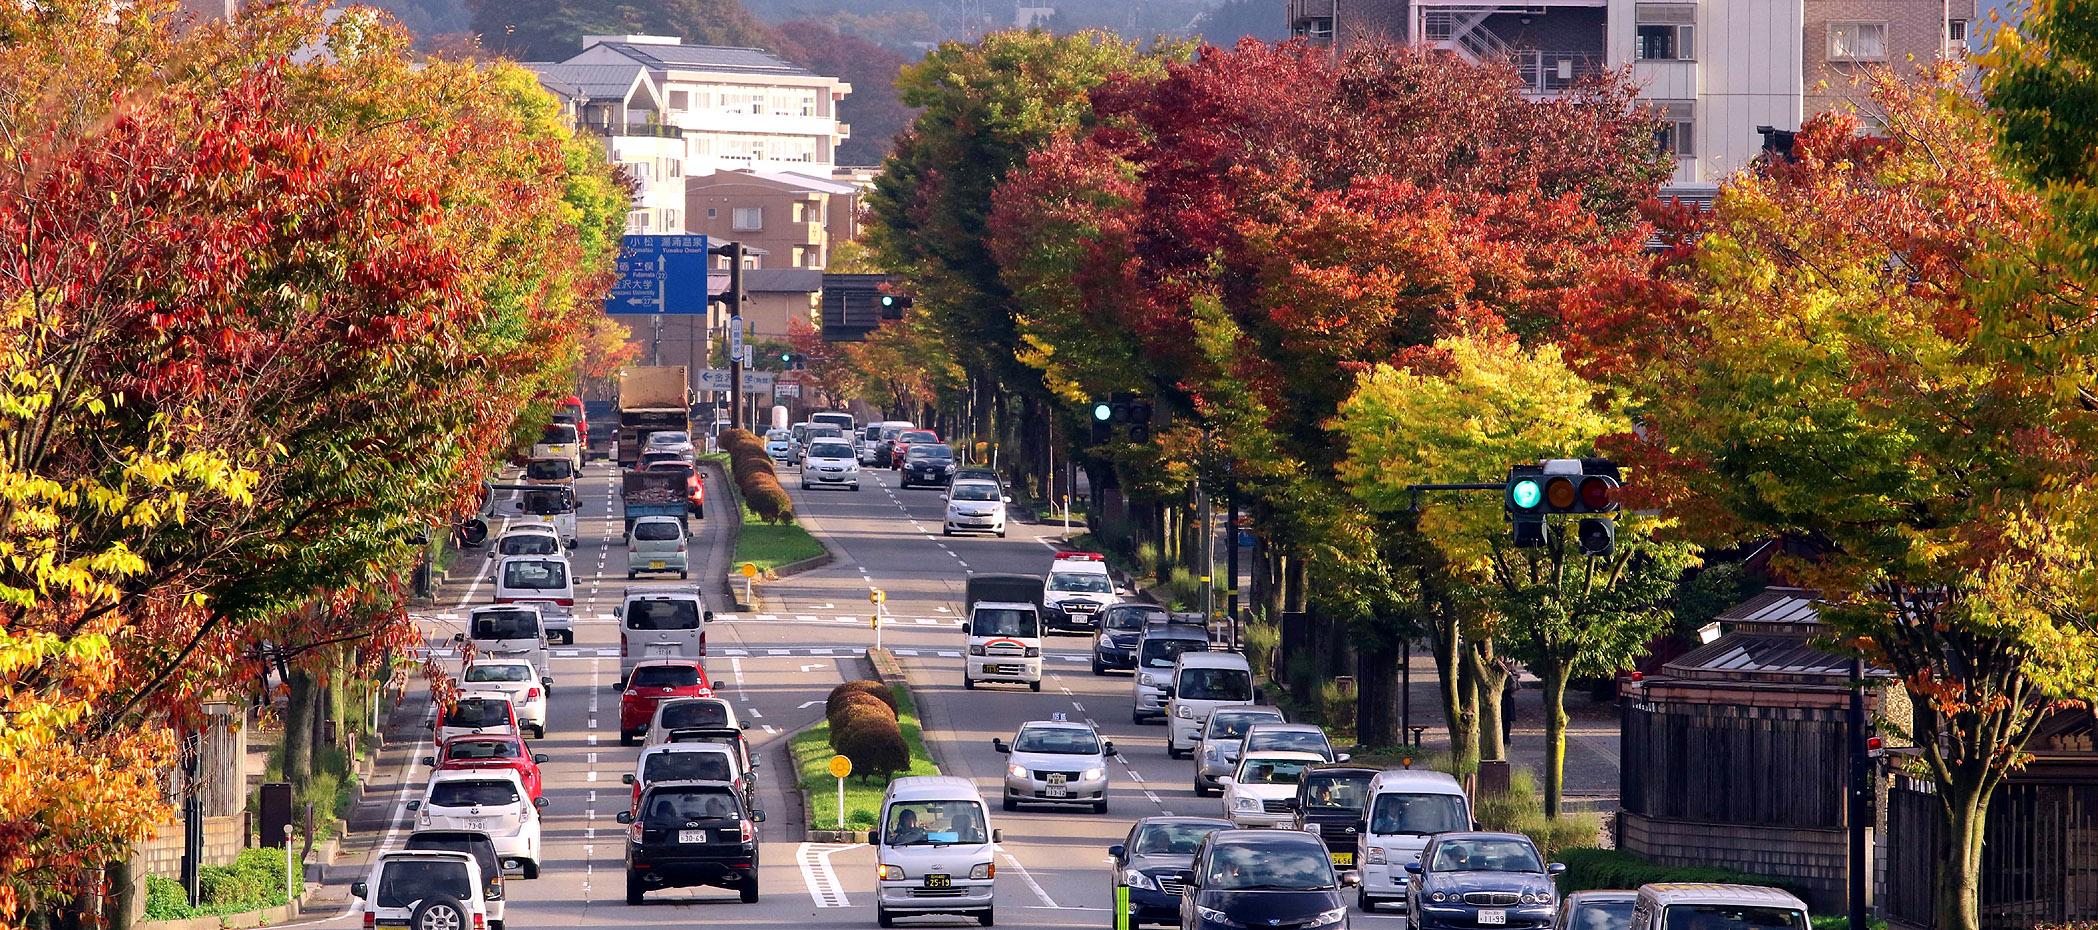 https://www.hokurikushinkansen-navi.jp/dataa/news/photo/NEWS000000472401.jpg